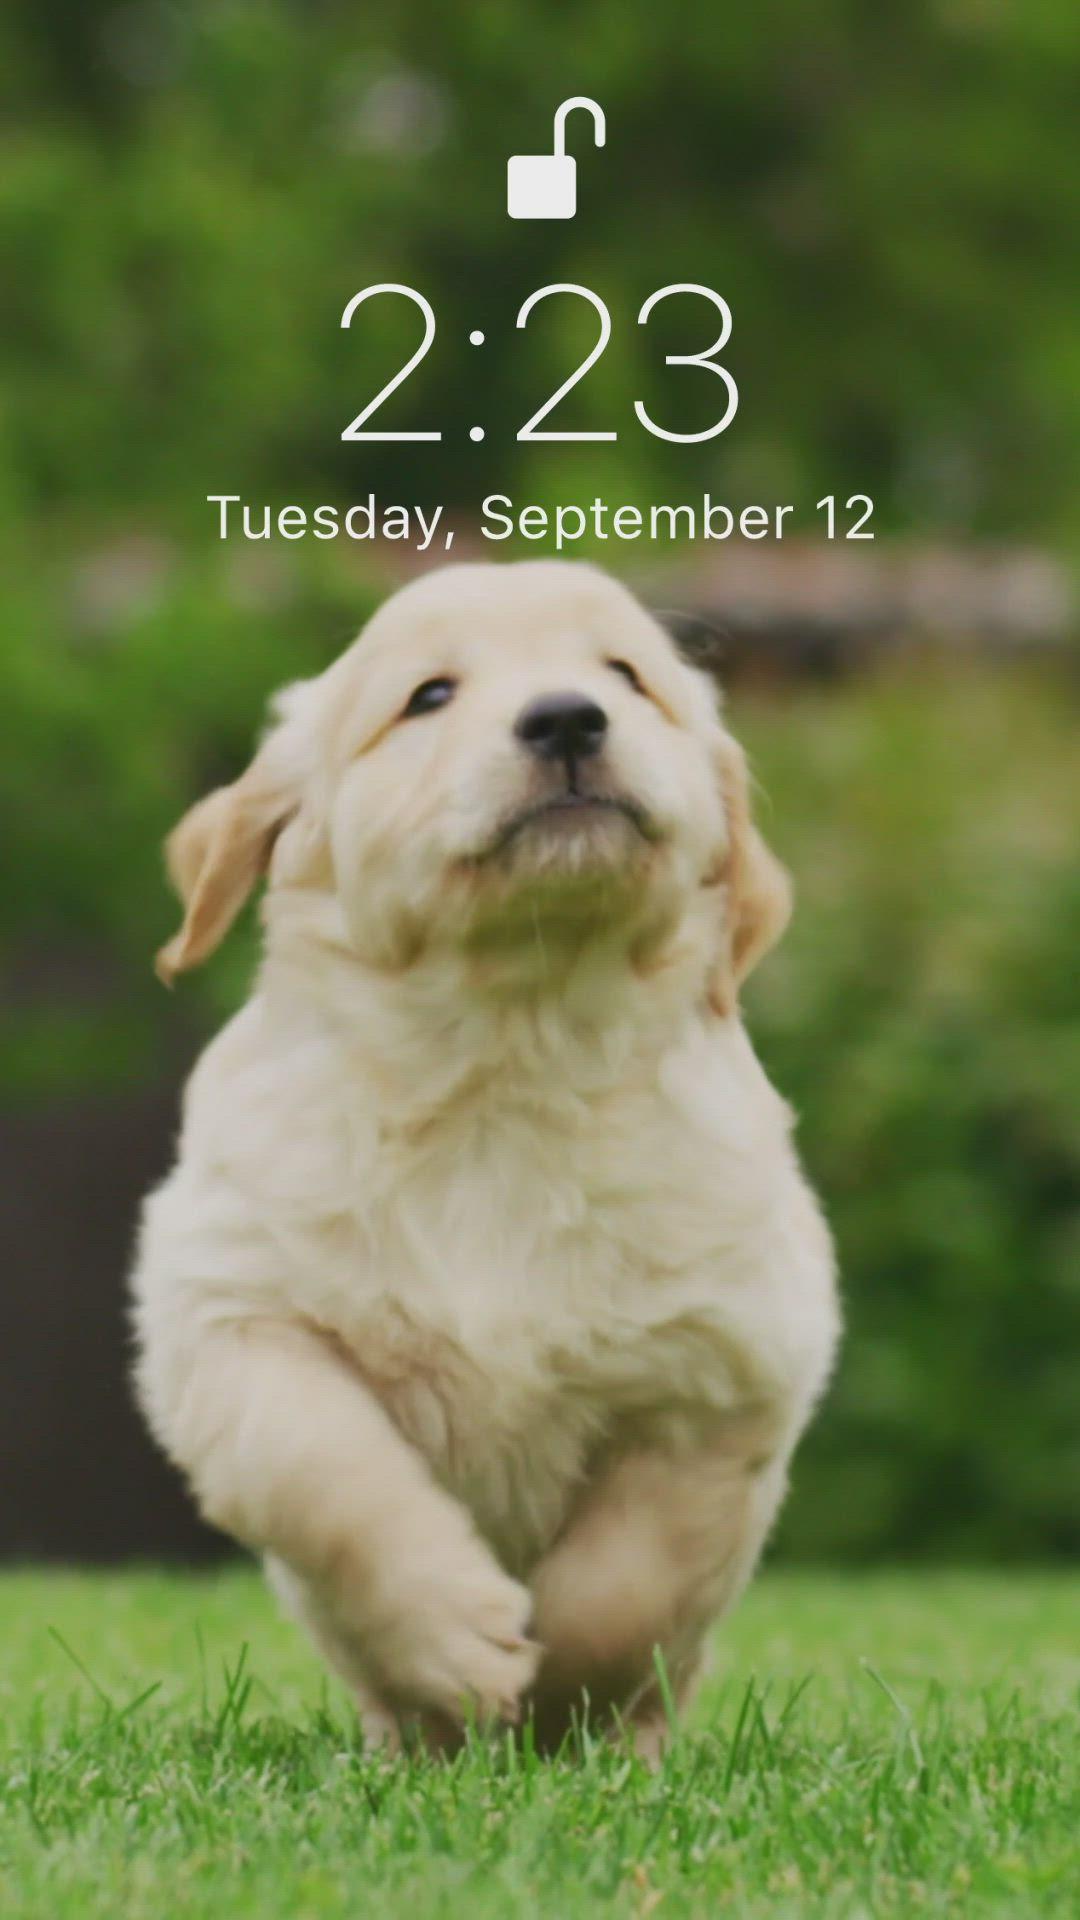 Puppyyy Video Dog Wallpaper Iphone Galaxy Wallpaper Cute Dog Wallpaper